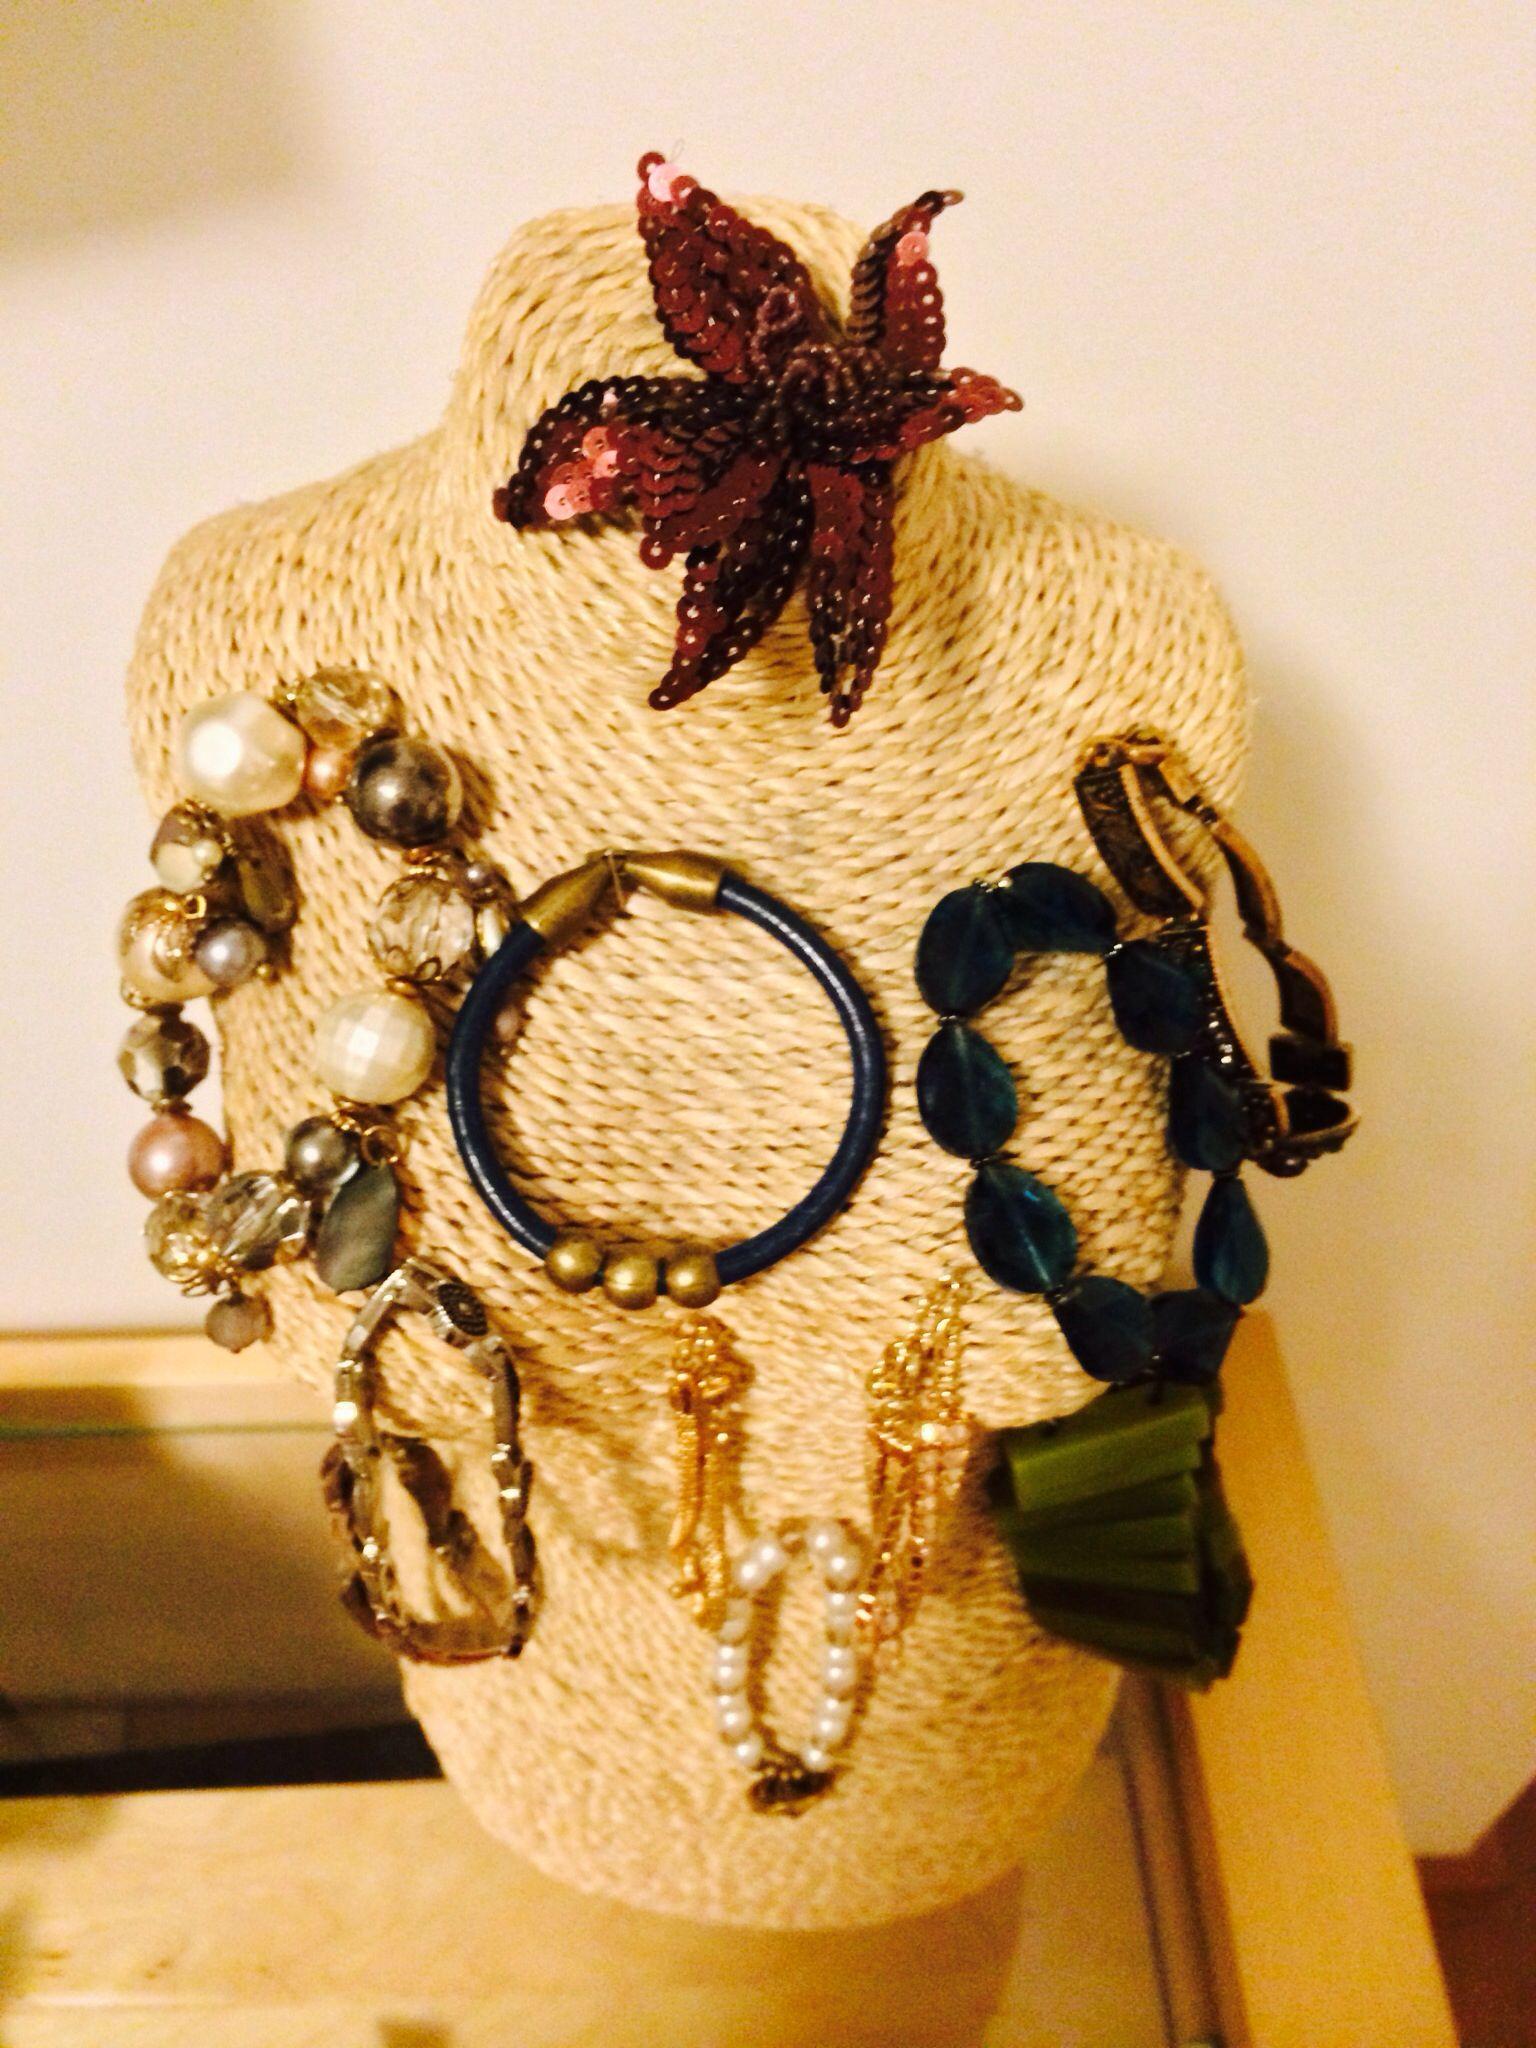 Usei o busto para organizar as pulseiras. Utilizei alfinetes